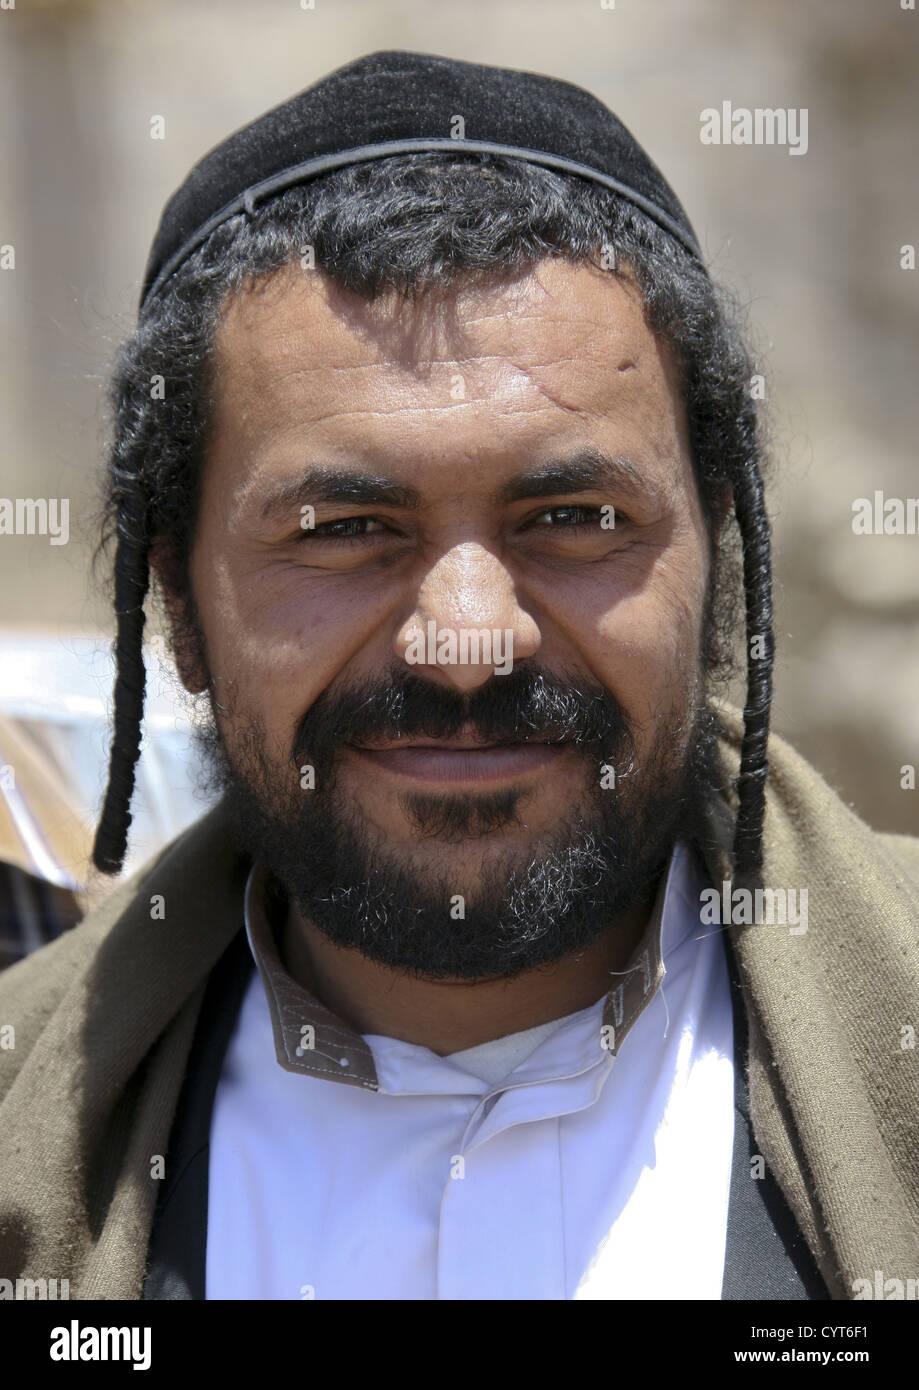 L\u0027homme juif traditionnel avec des tresses, souriant à la caméra, Amran,  Yémen